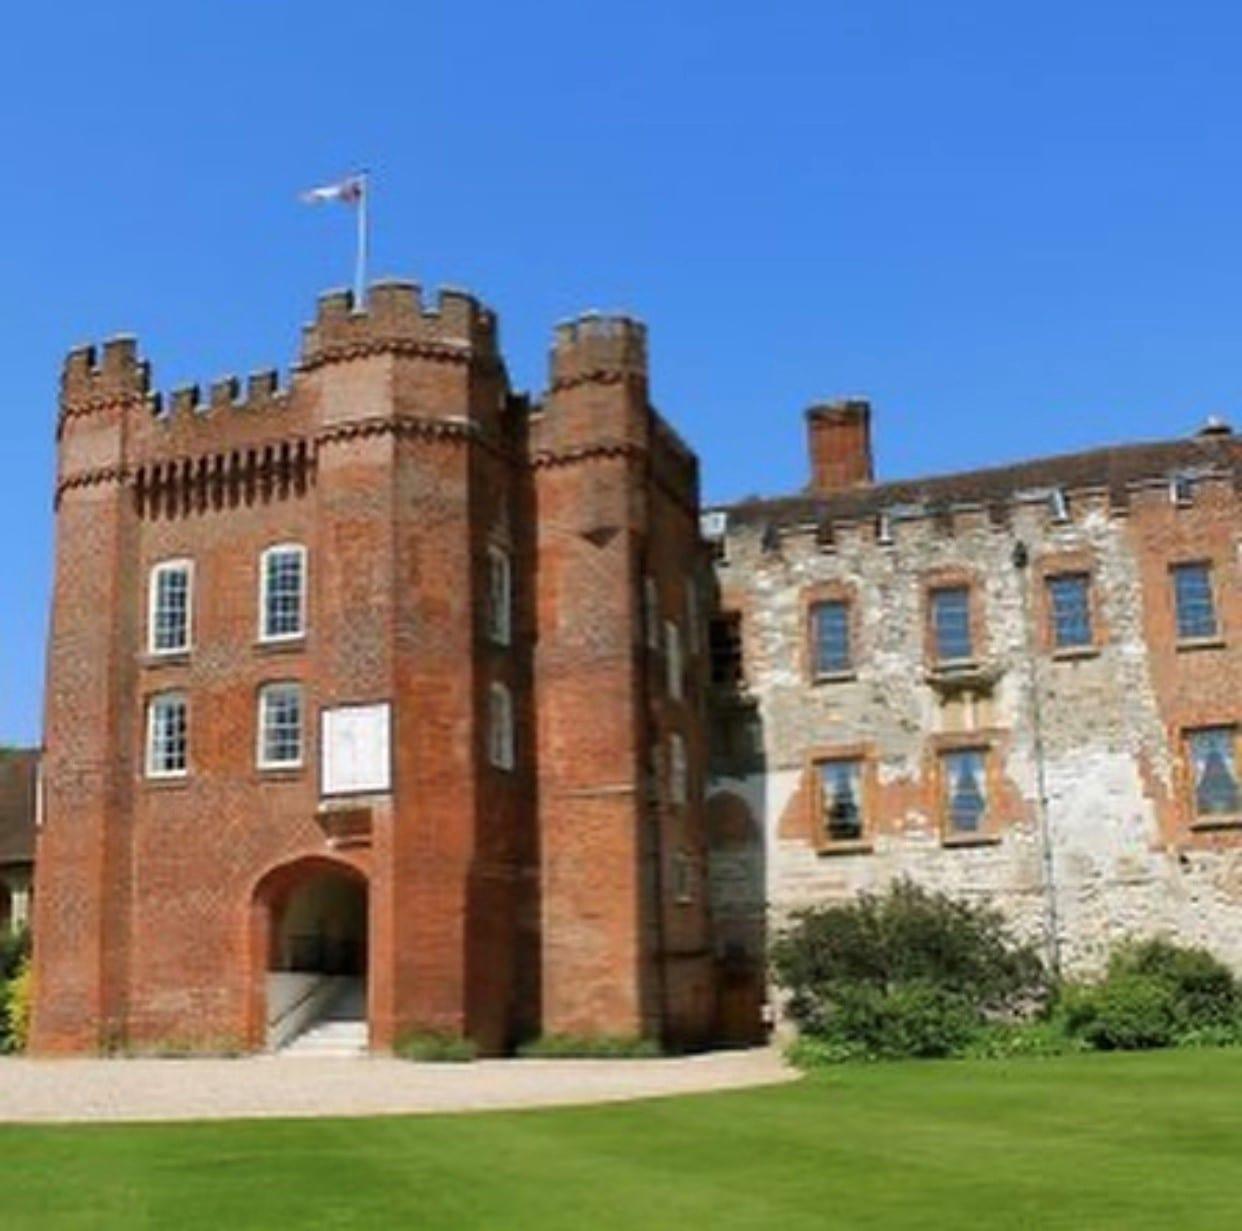 Farnham Castle is a luxury wedding venue in Surrey